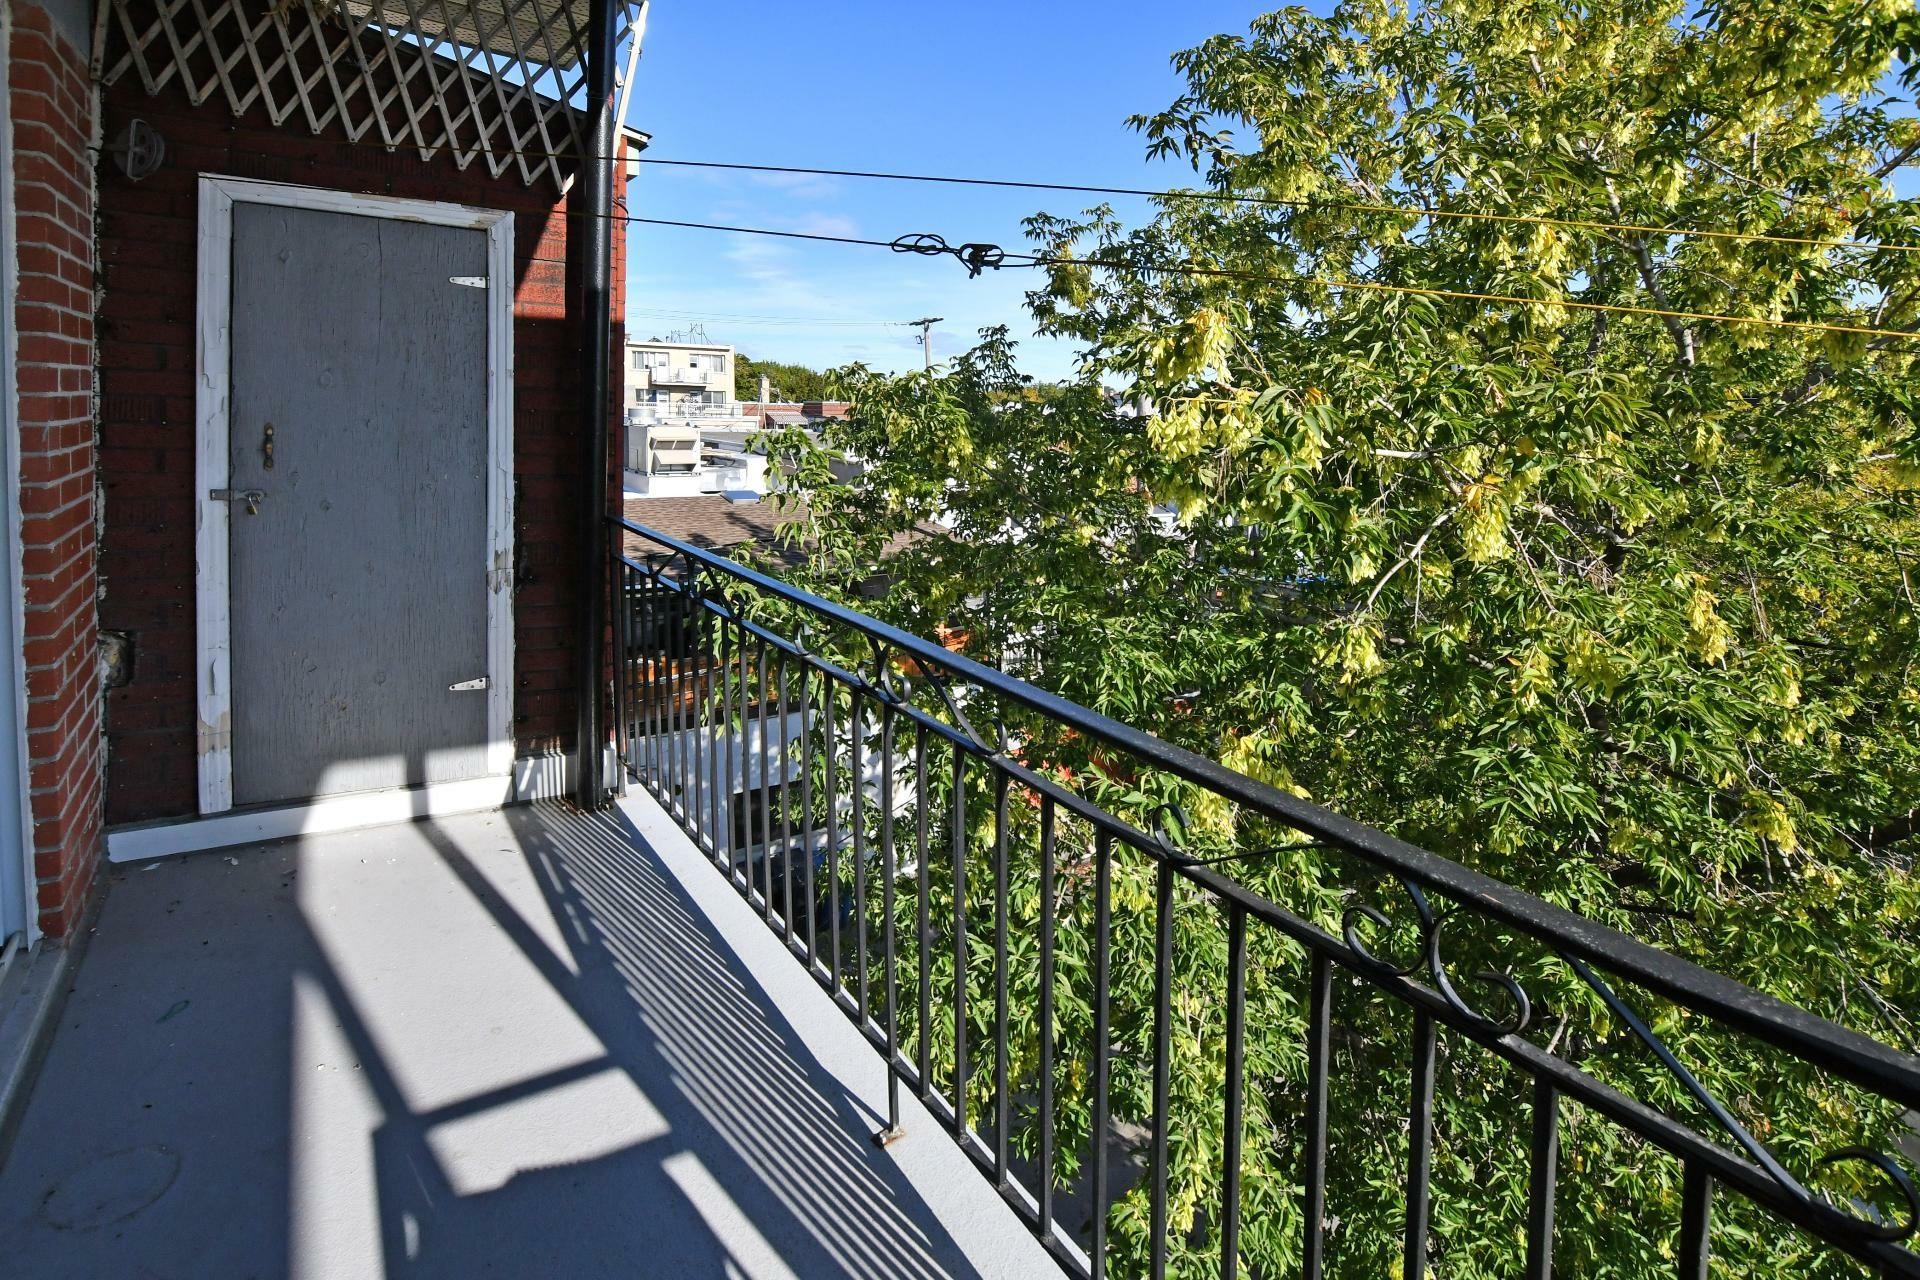 image 8 - Immeuble à revenus À vendre Villeray/Saint-Michel/Parc-Extension Montréal  - 4 pièces